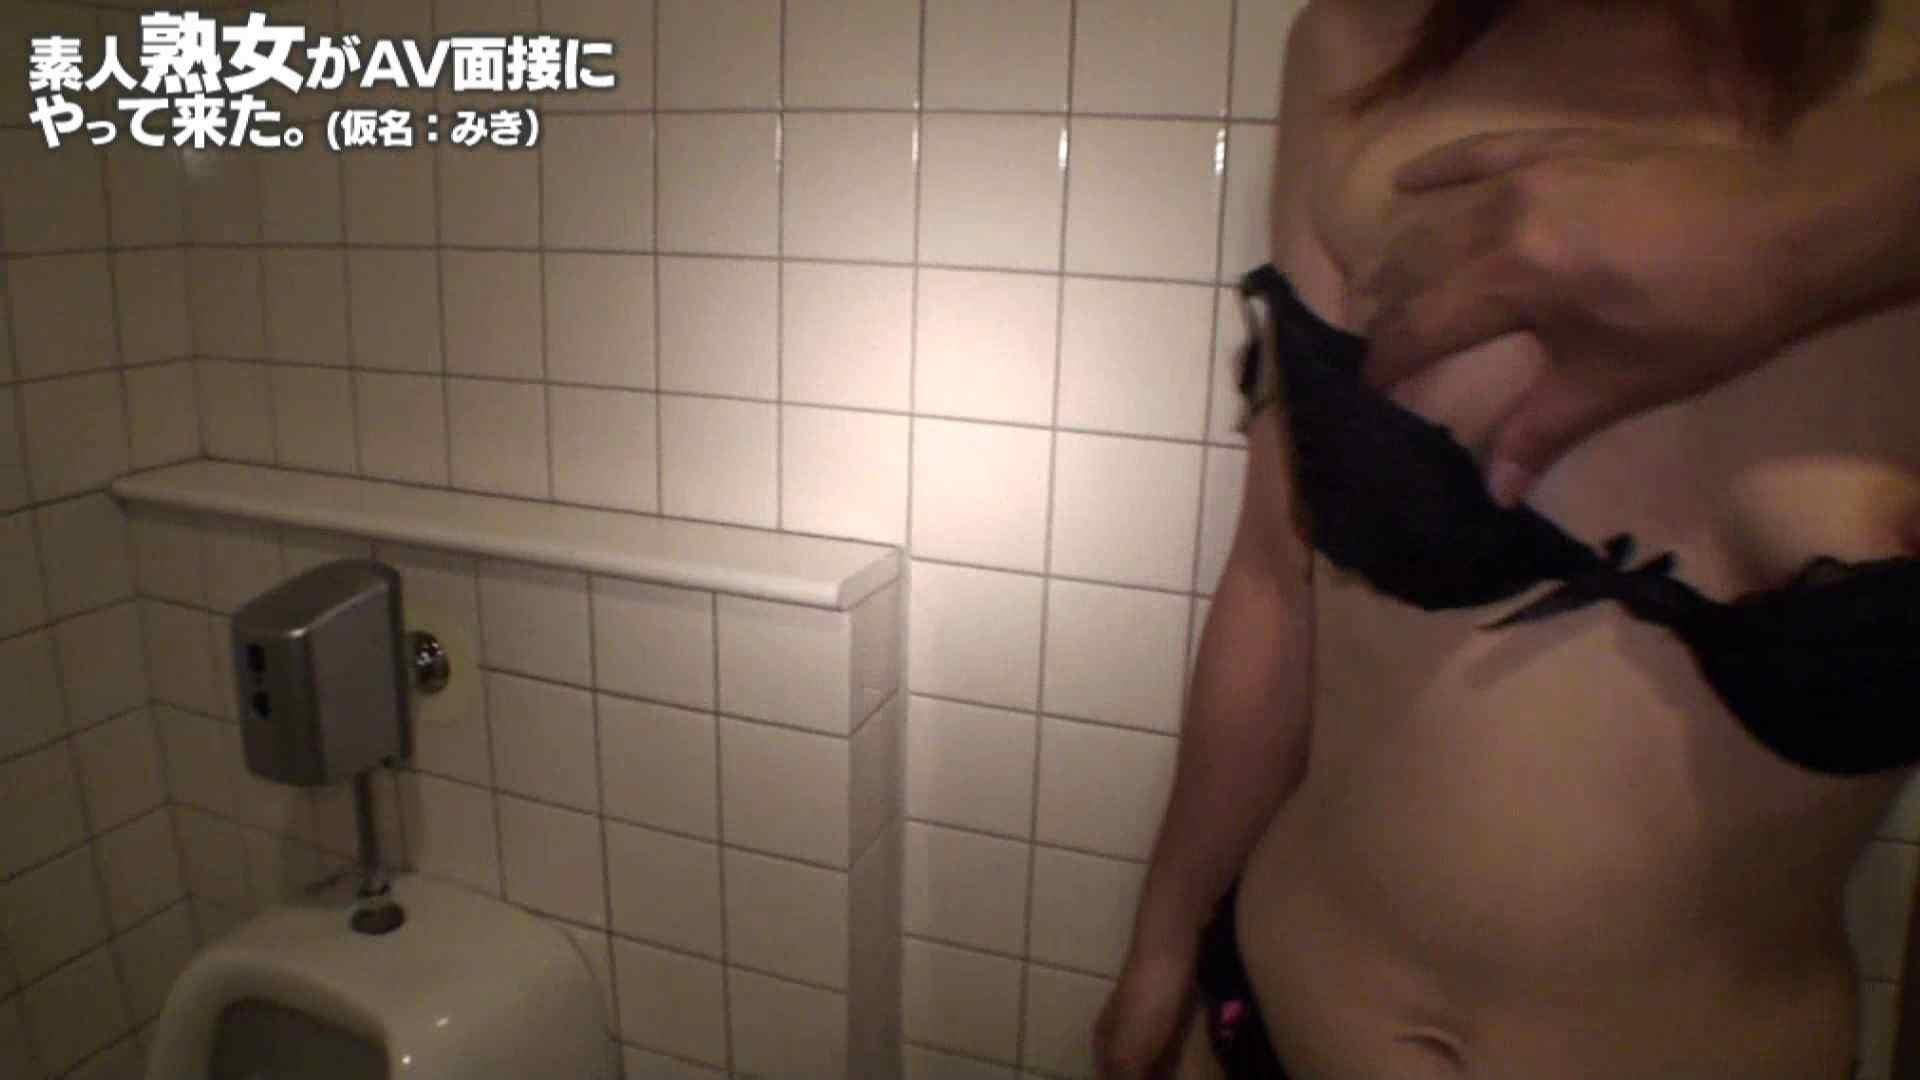 素人熟女がAV面接にやってきた (熟女)みきさんVOL.03 洗面所 AV無料動画キャプチャ 60PIX 40